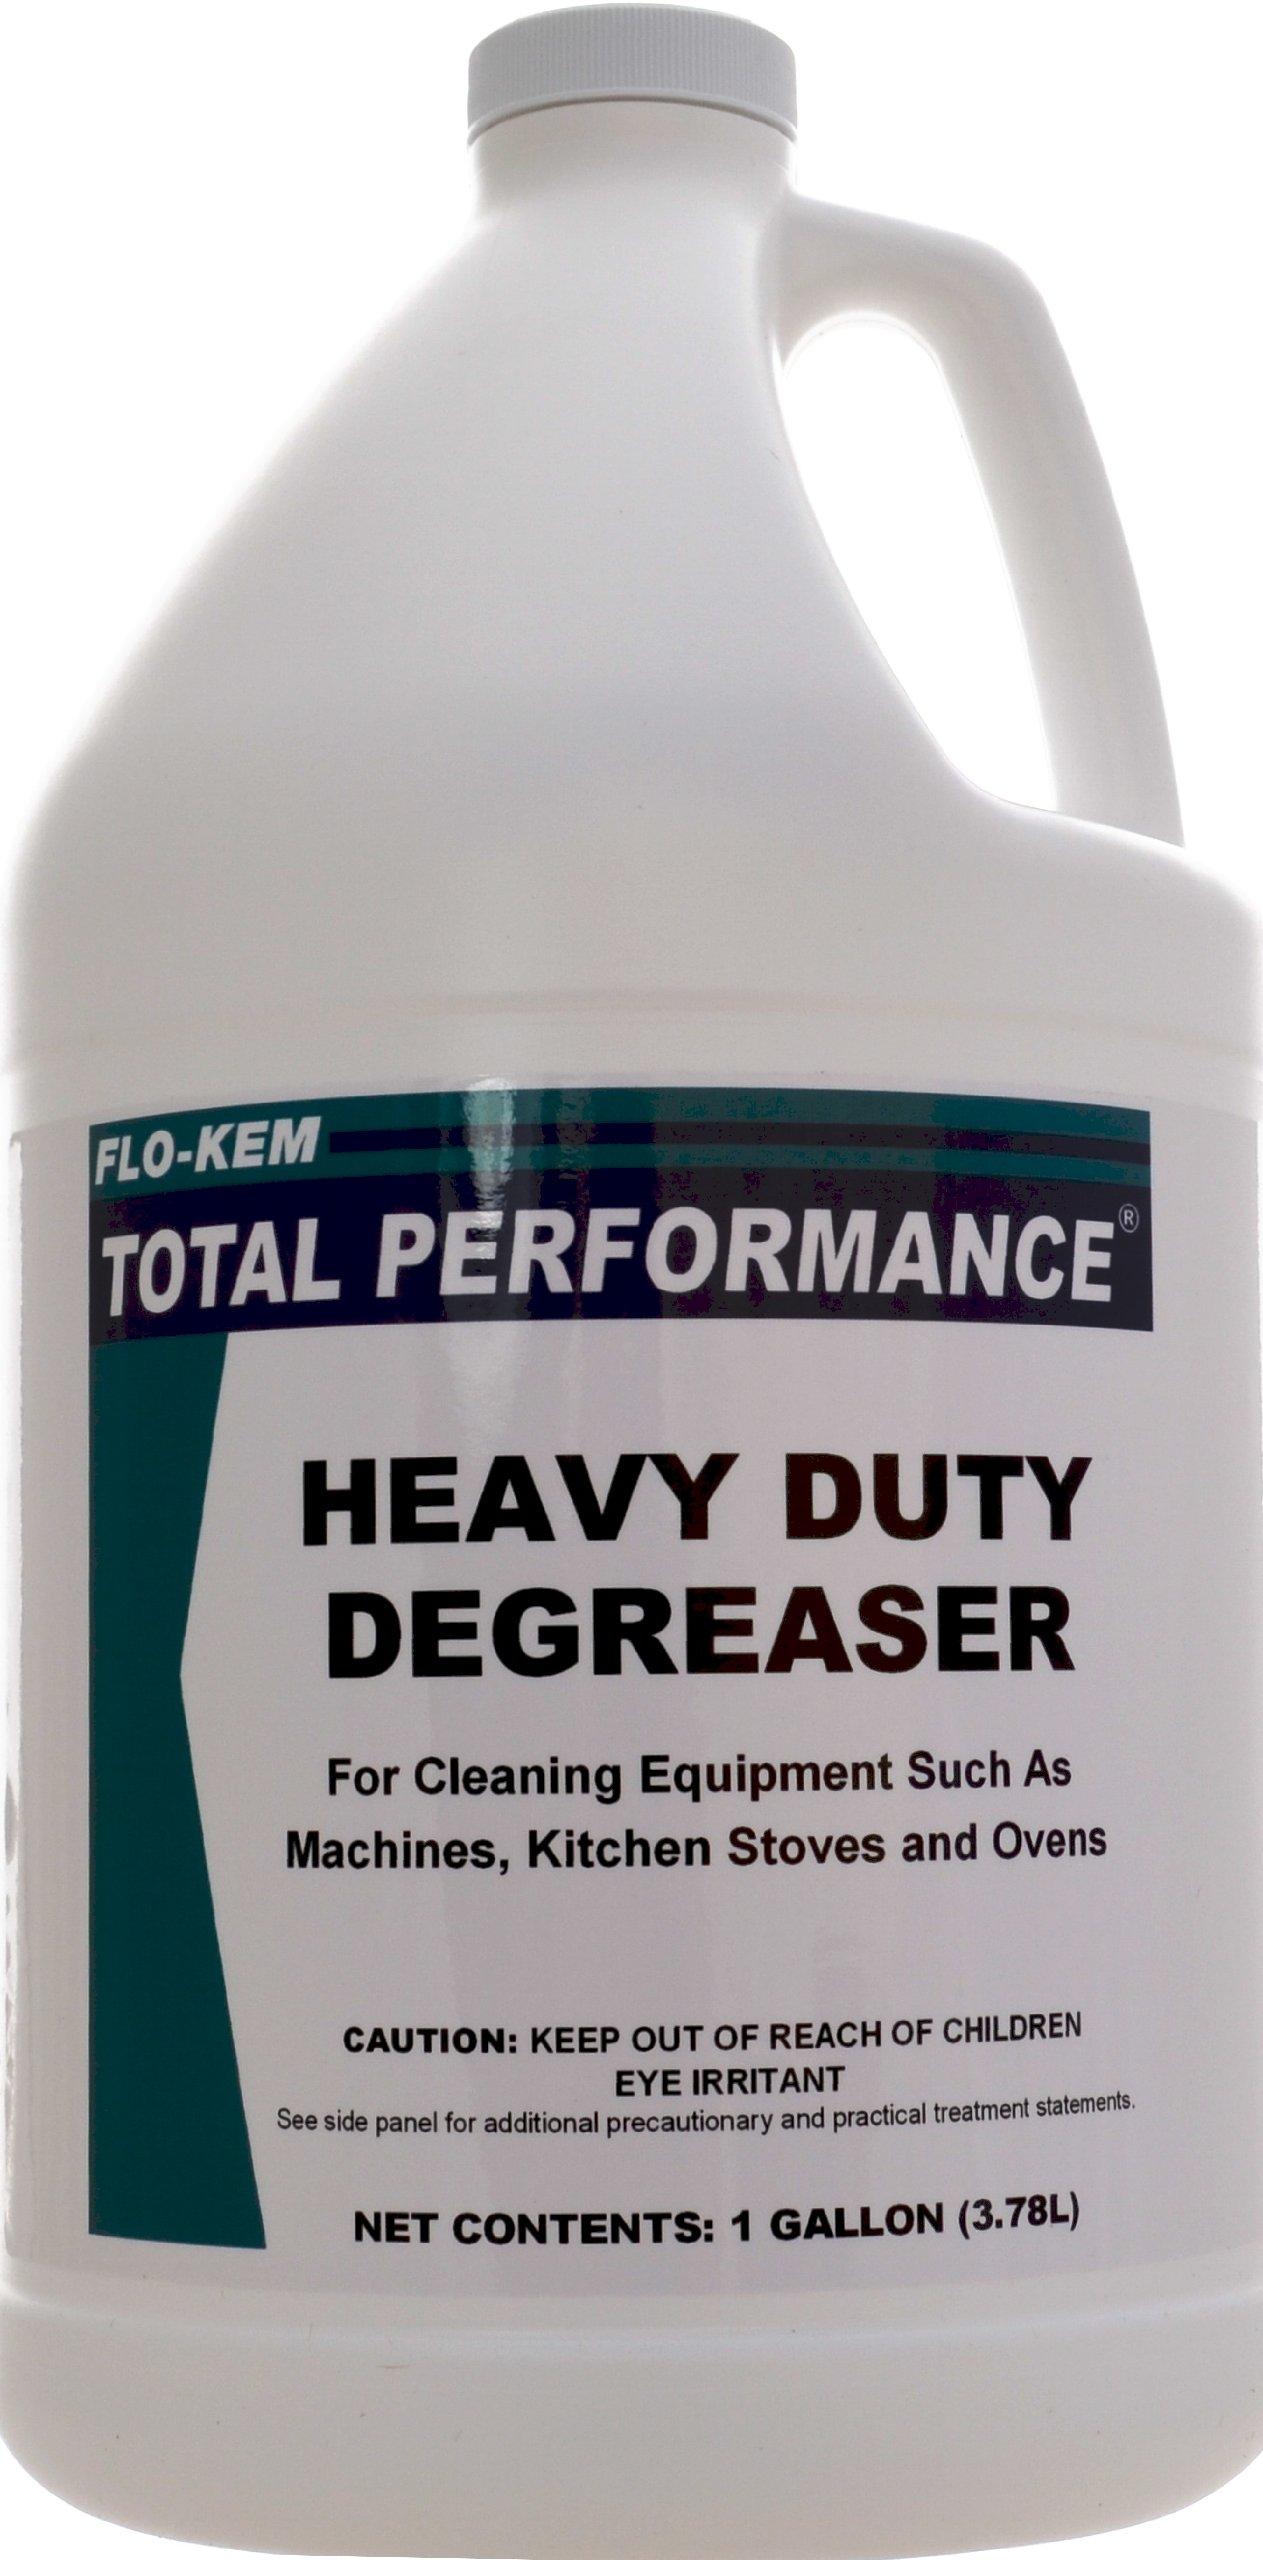 Flo-Kem 202 Heavy Duty Degreaser with Lemon Scent, 1 Gallon Bottle, Blue by Flo-Kem